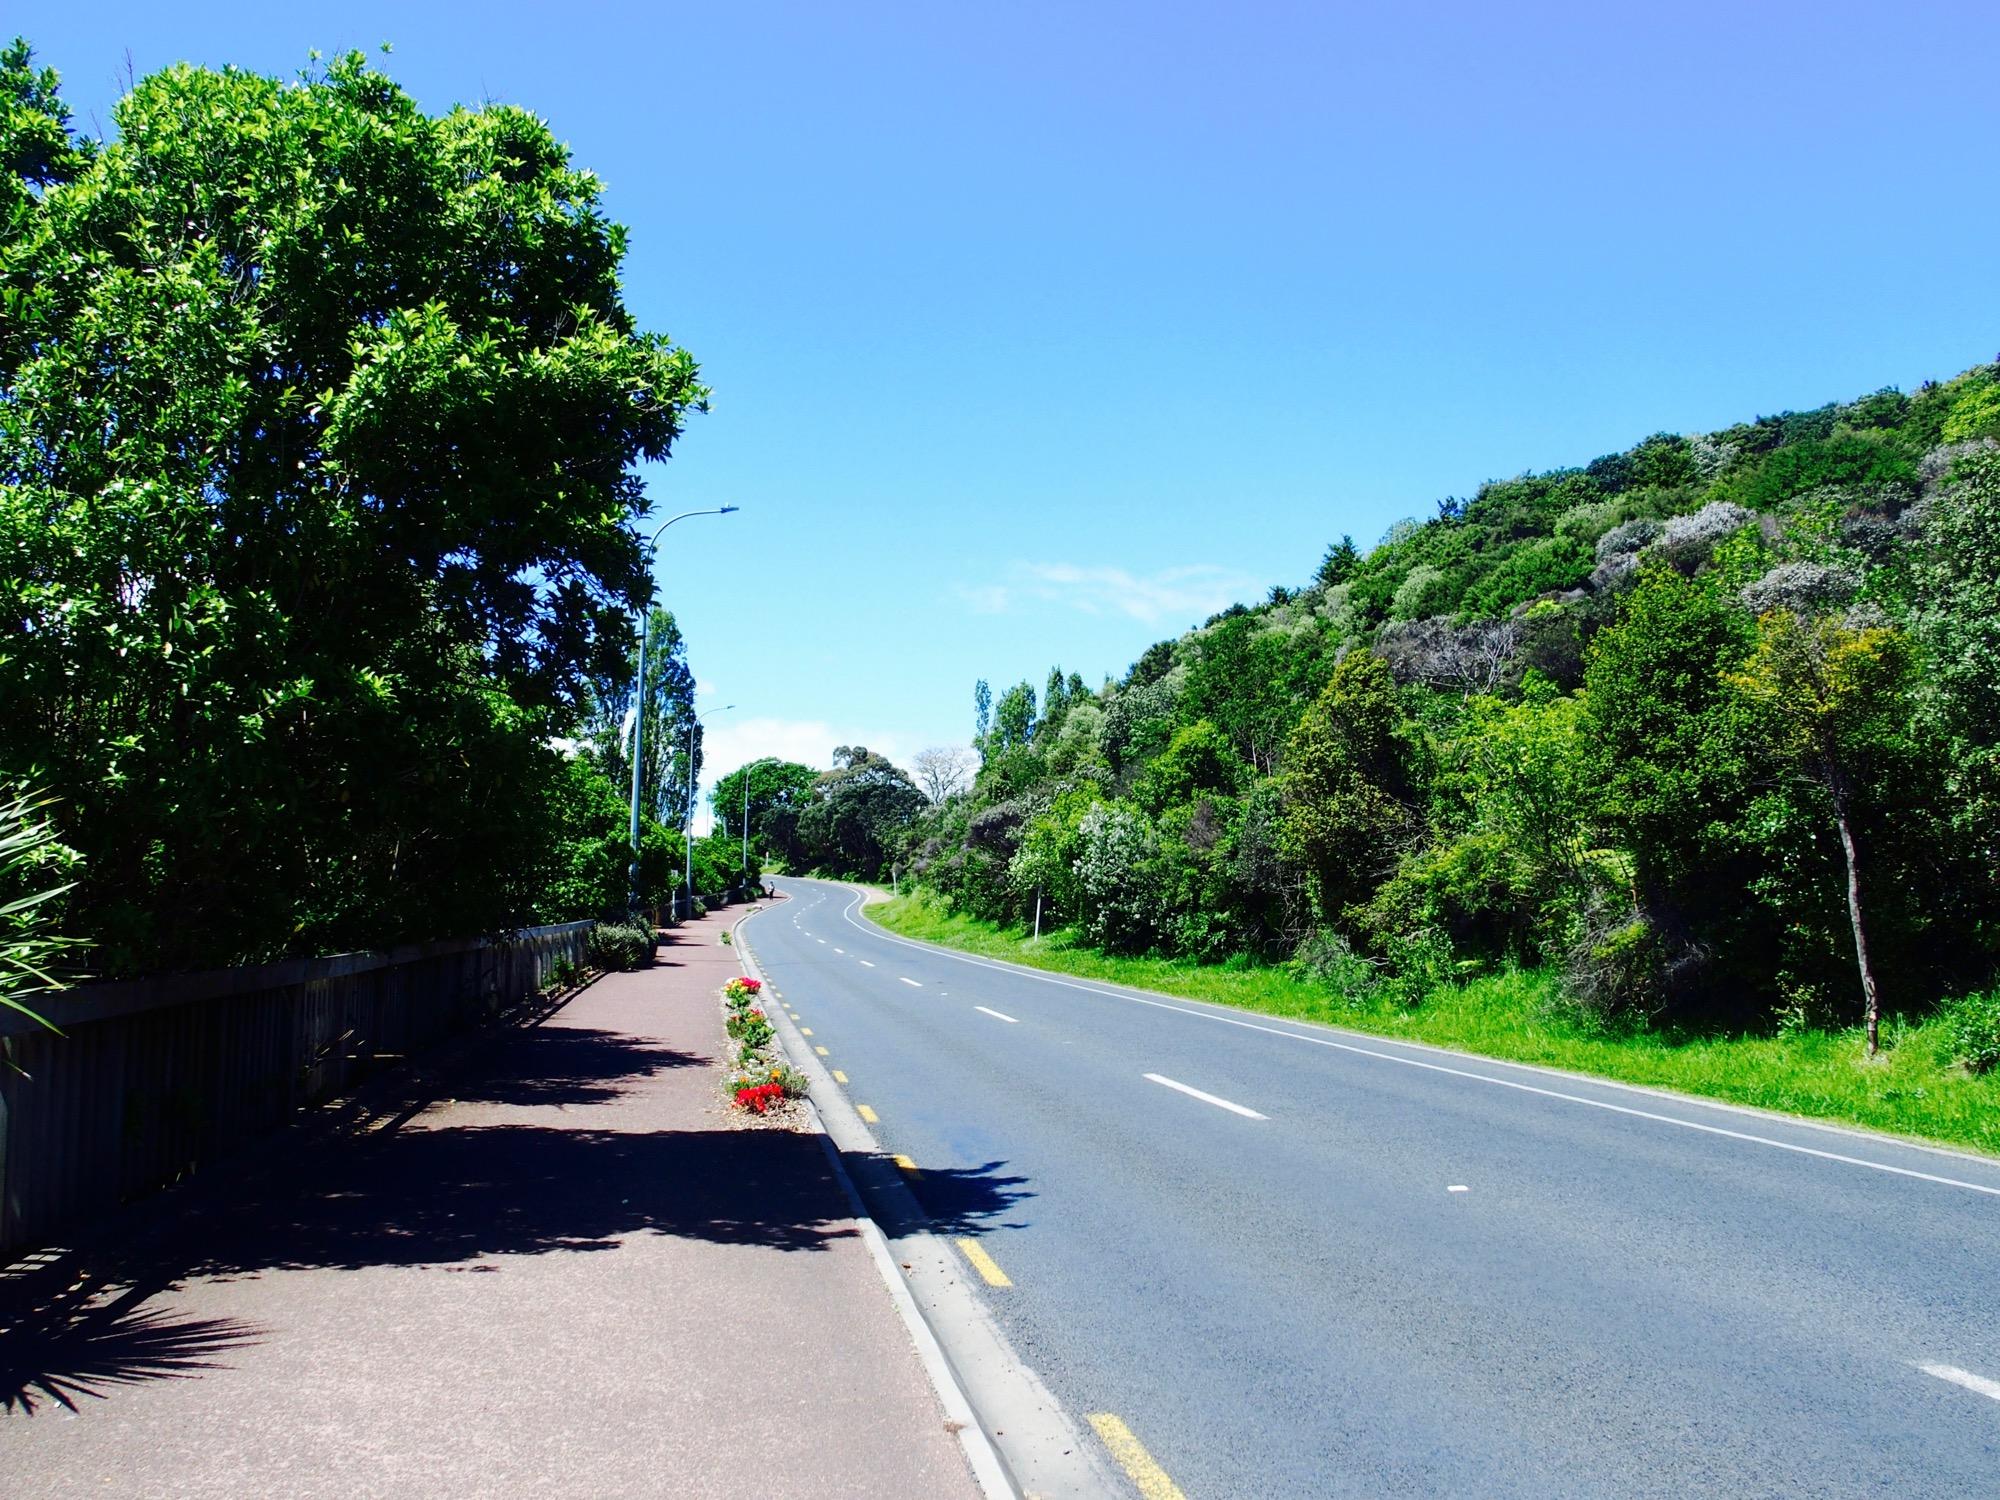 Ocean View Road